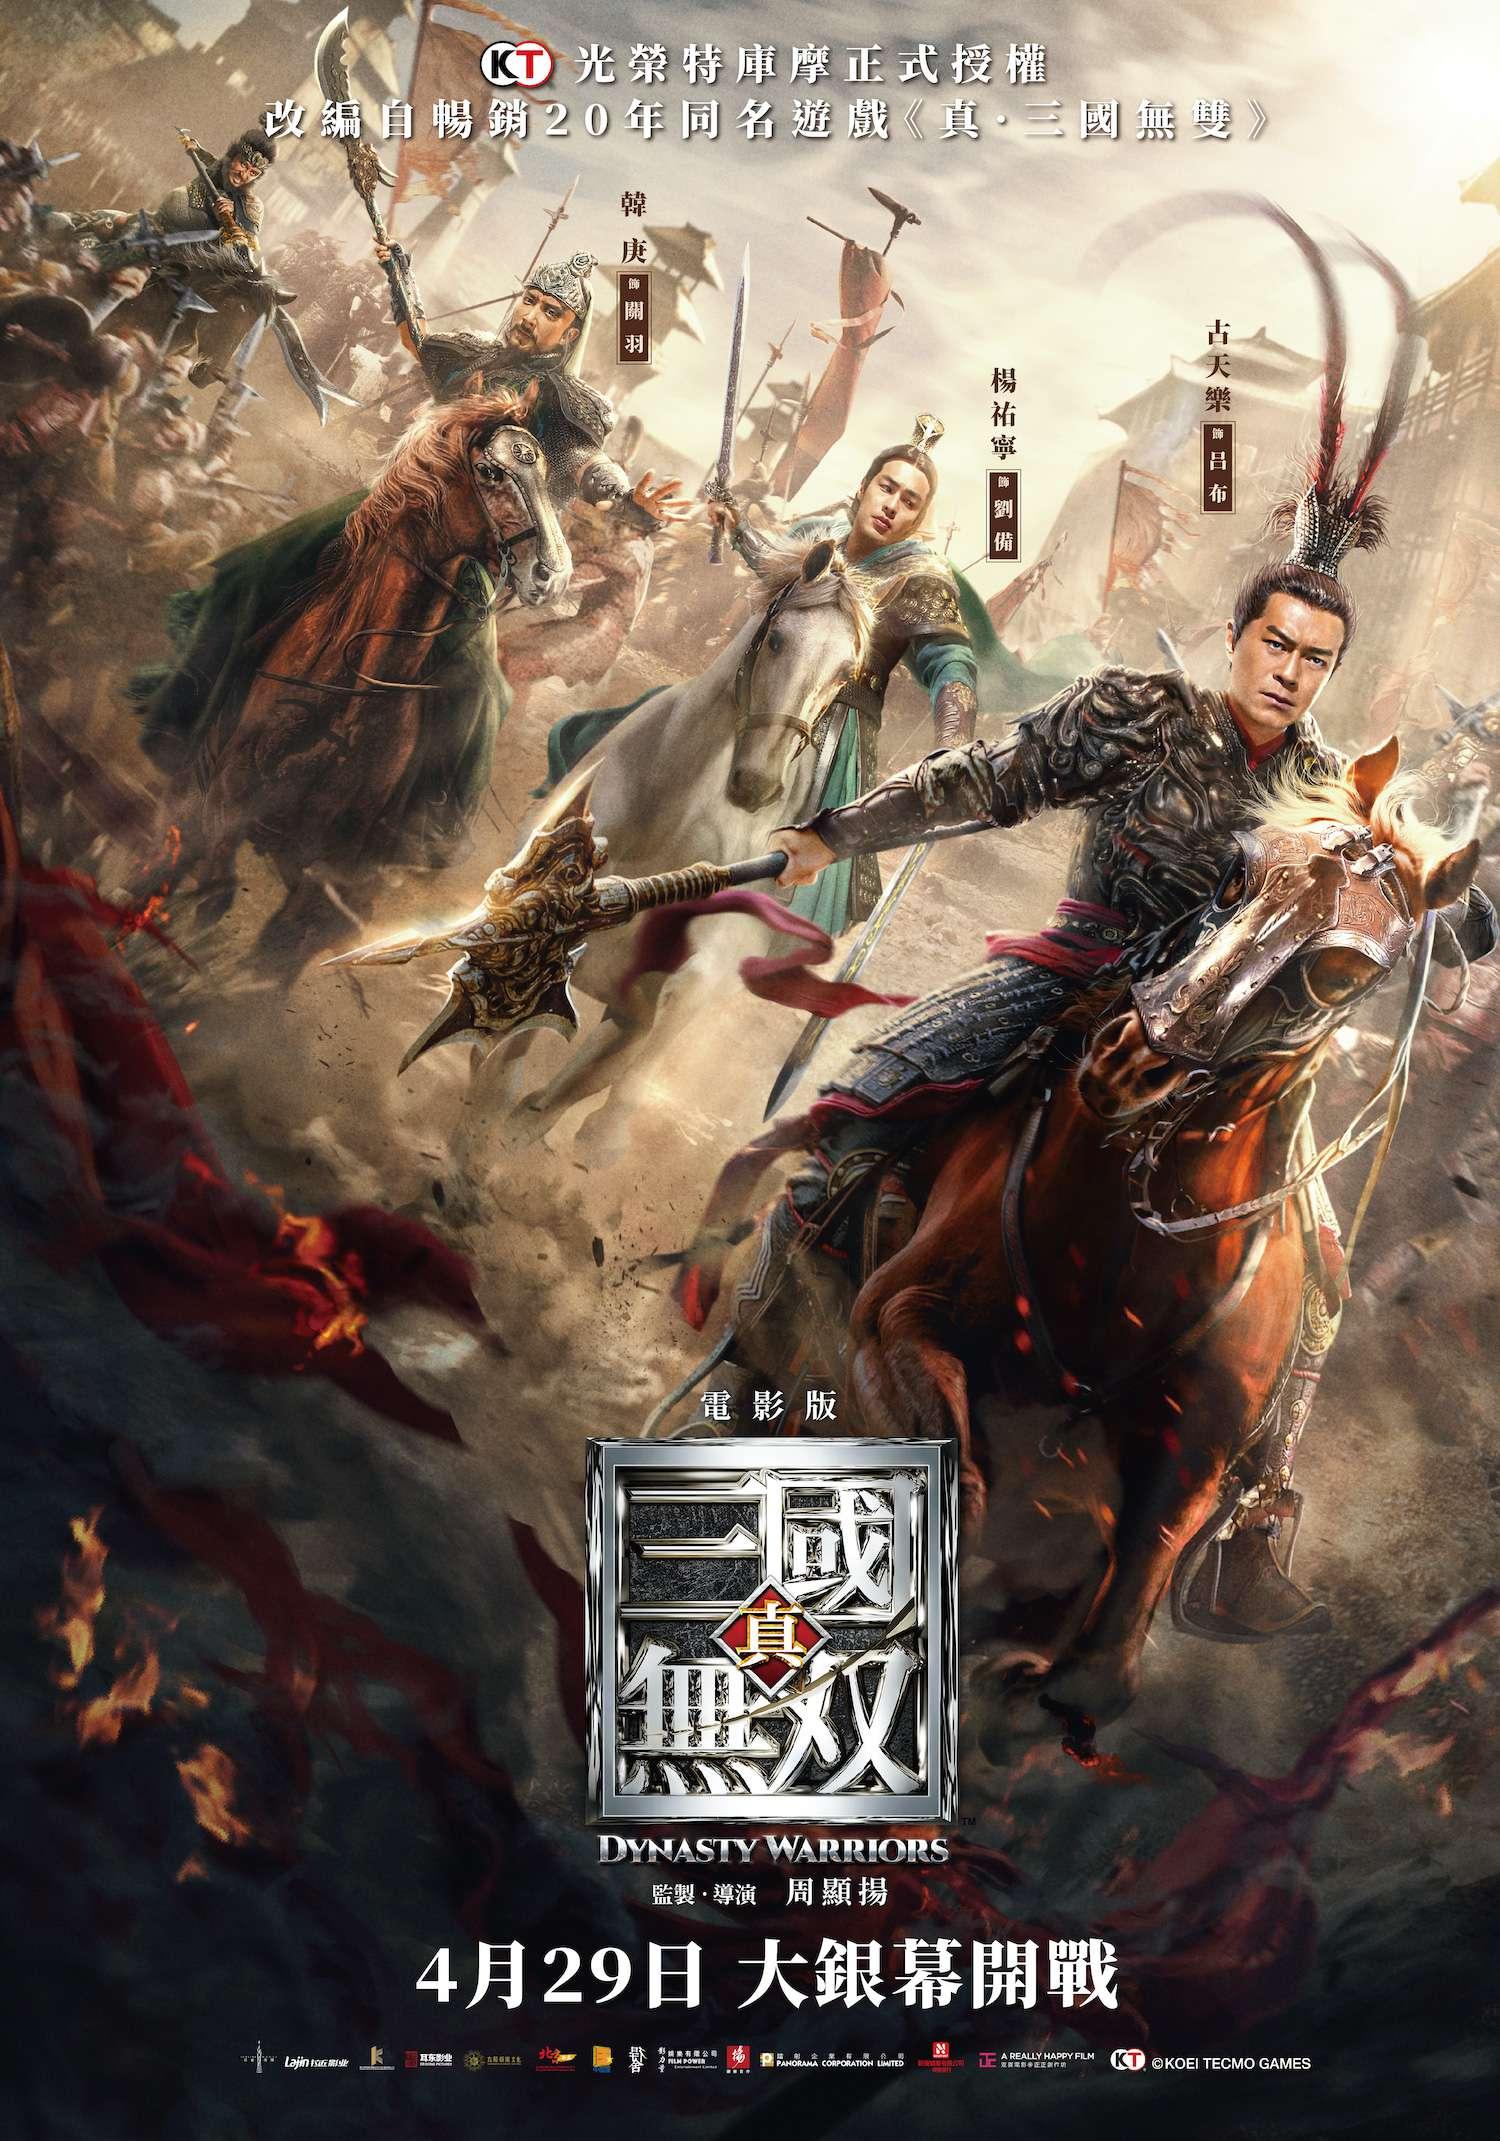 真.三國無雙_Dynasty Warriors_電影海報